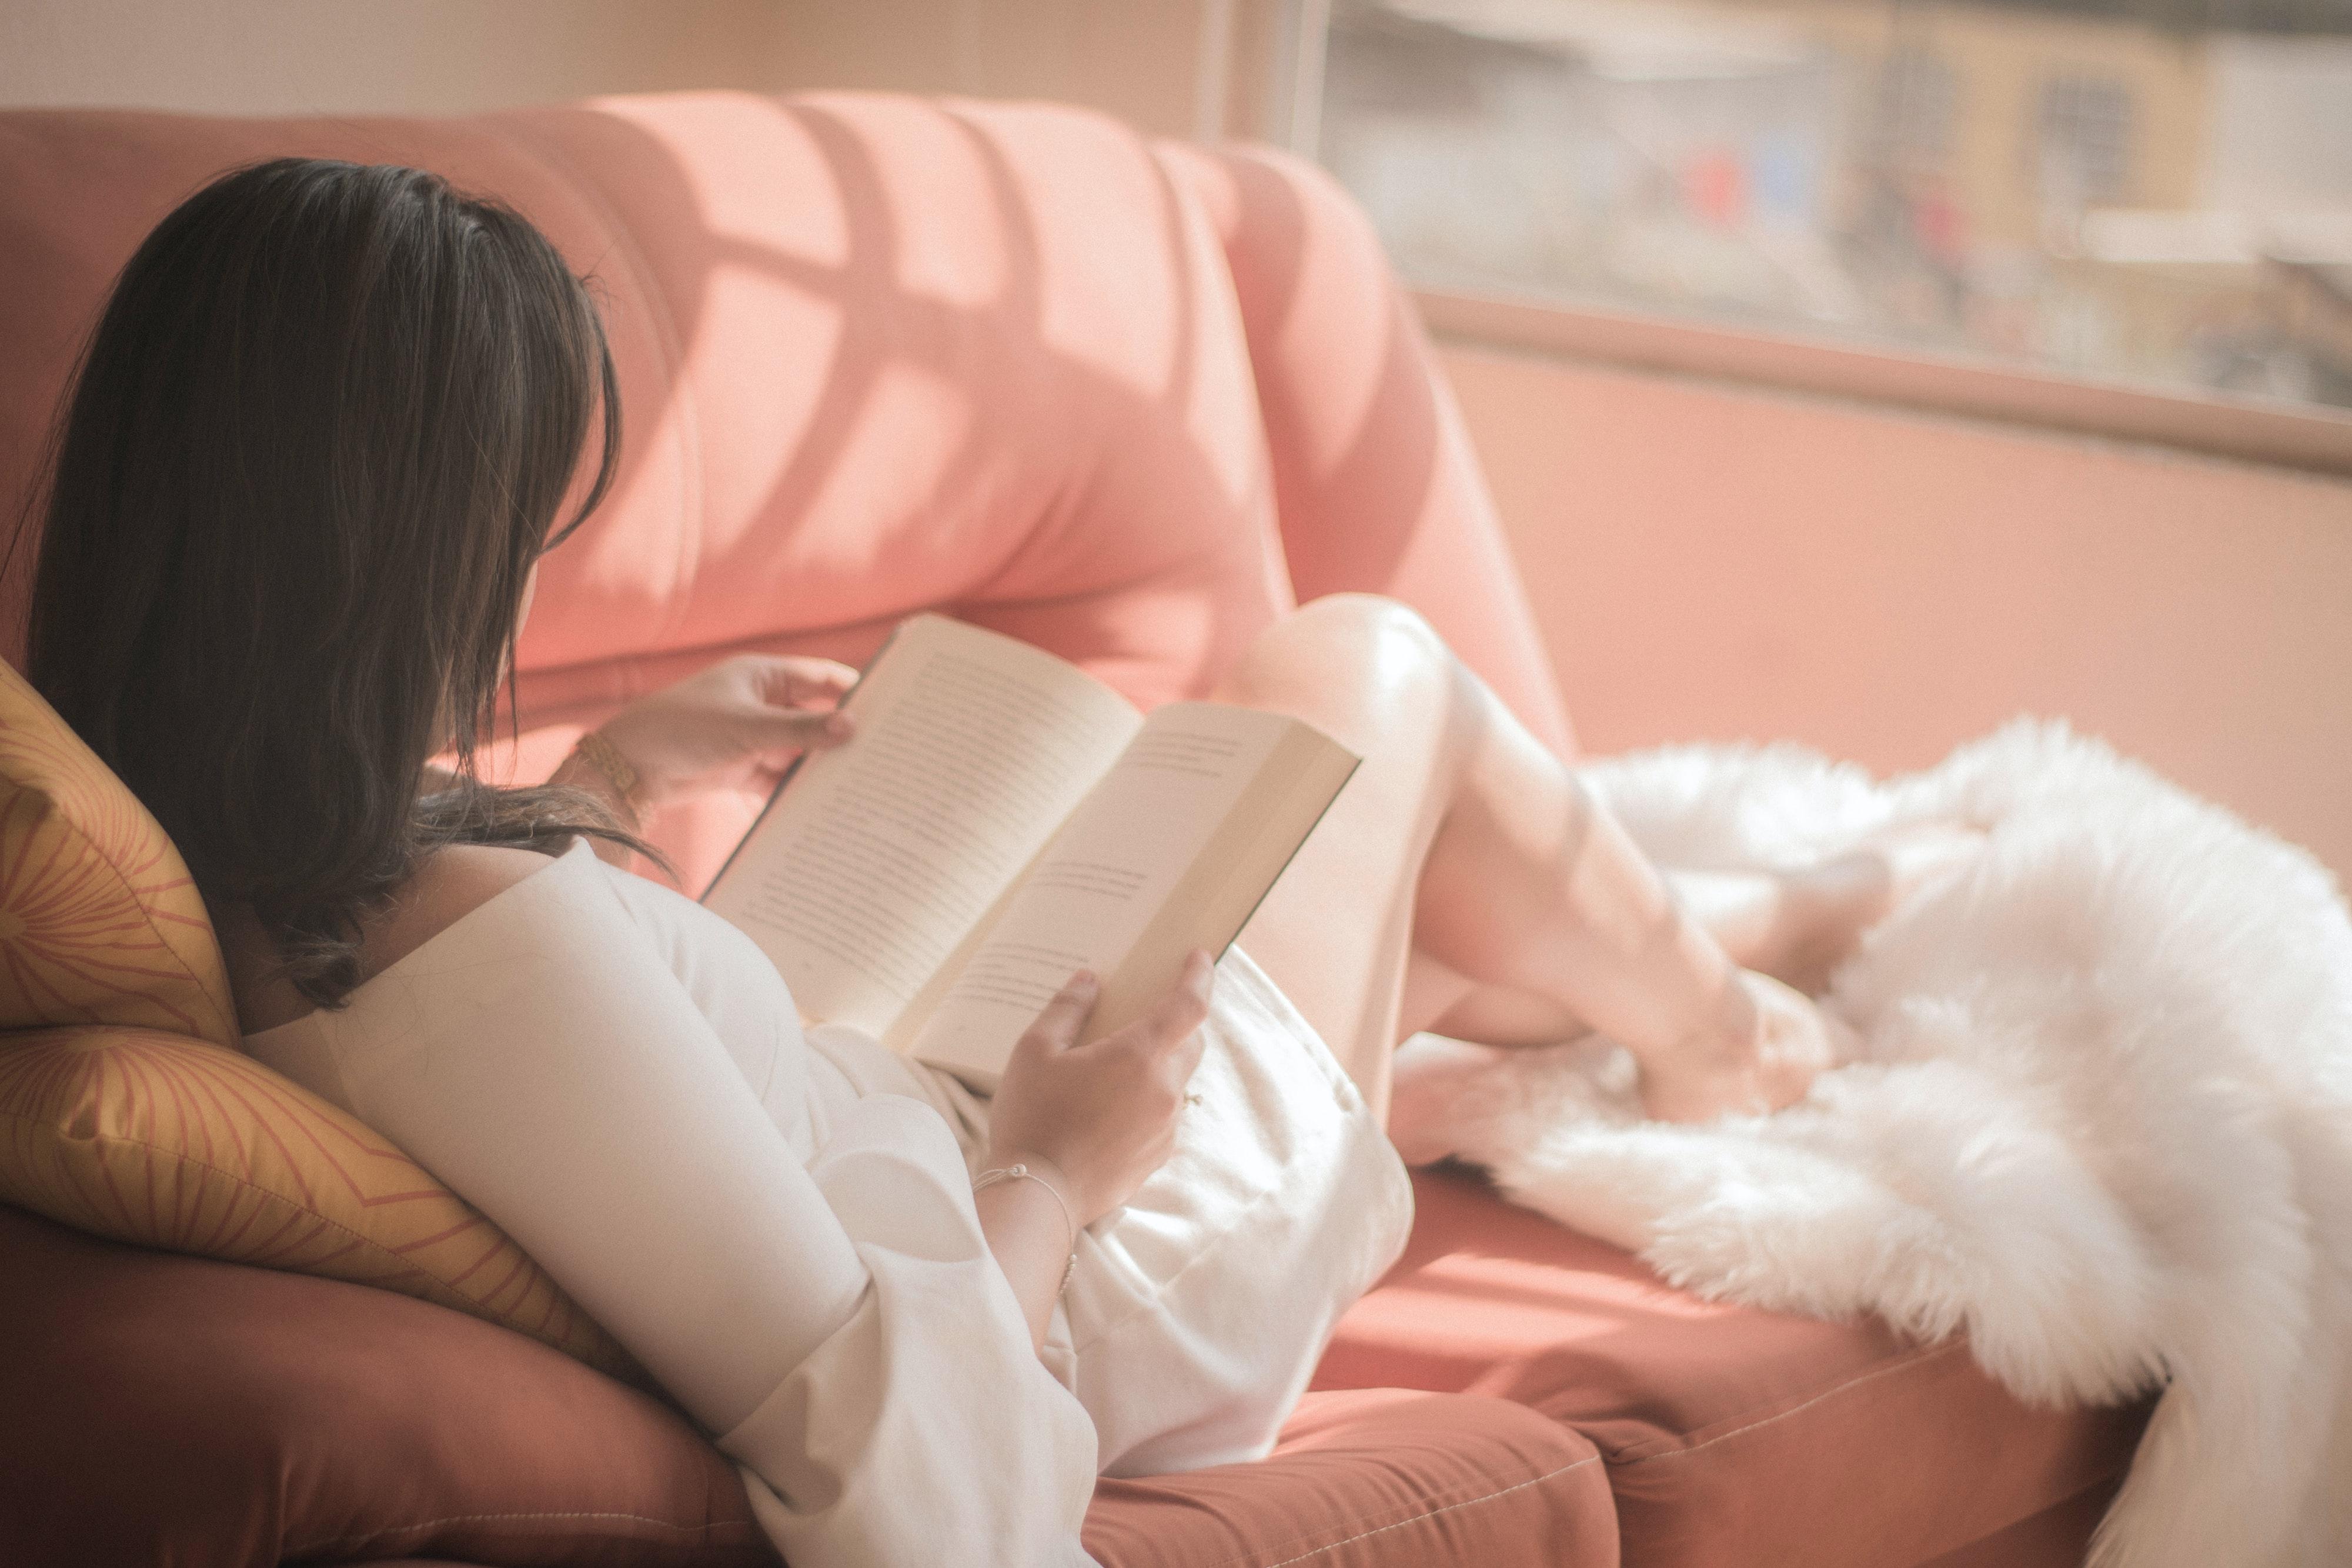 Femeie imbracata asezata confortabil pe canapea citeste o carte in limba engleza